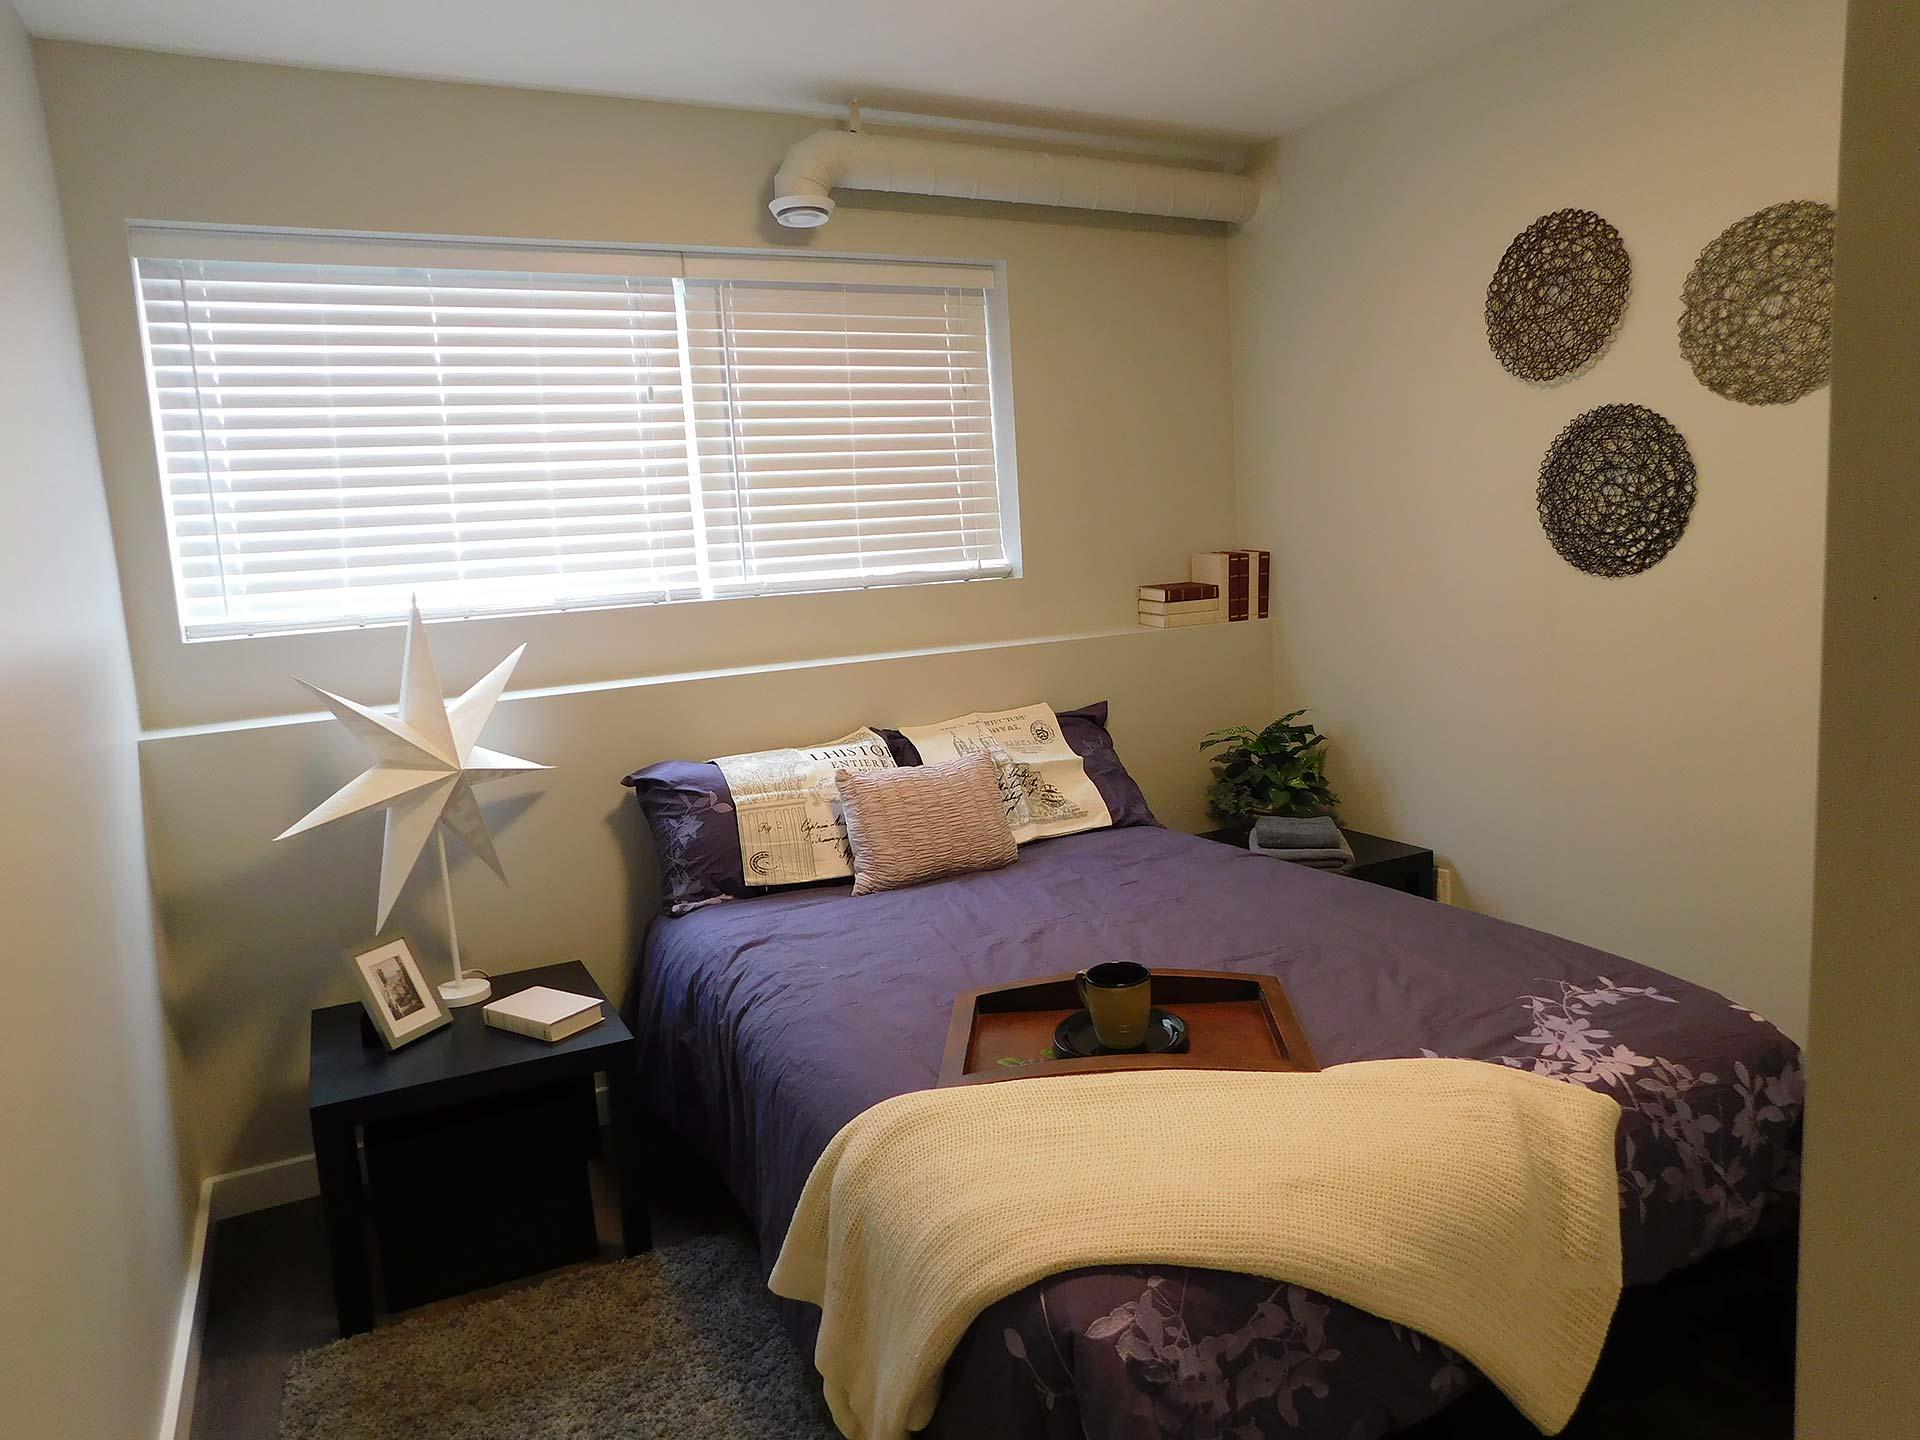 West End Condo Unit 1 Bedroom